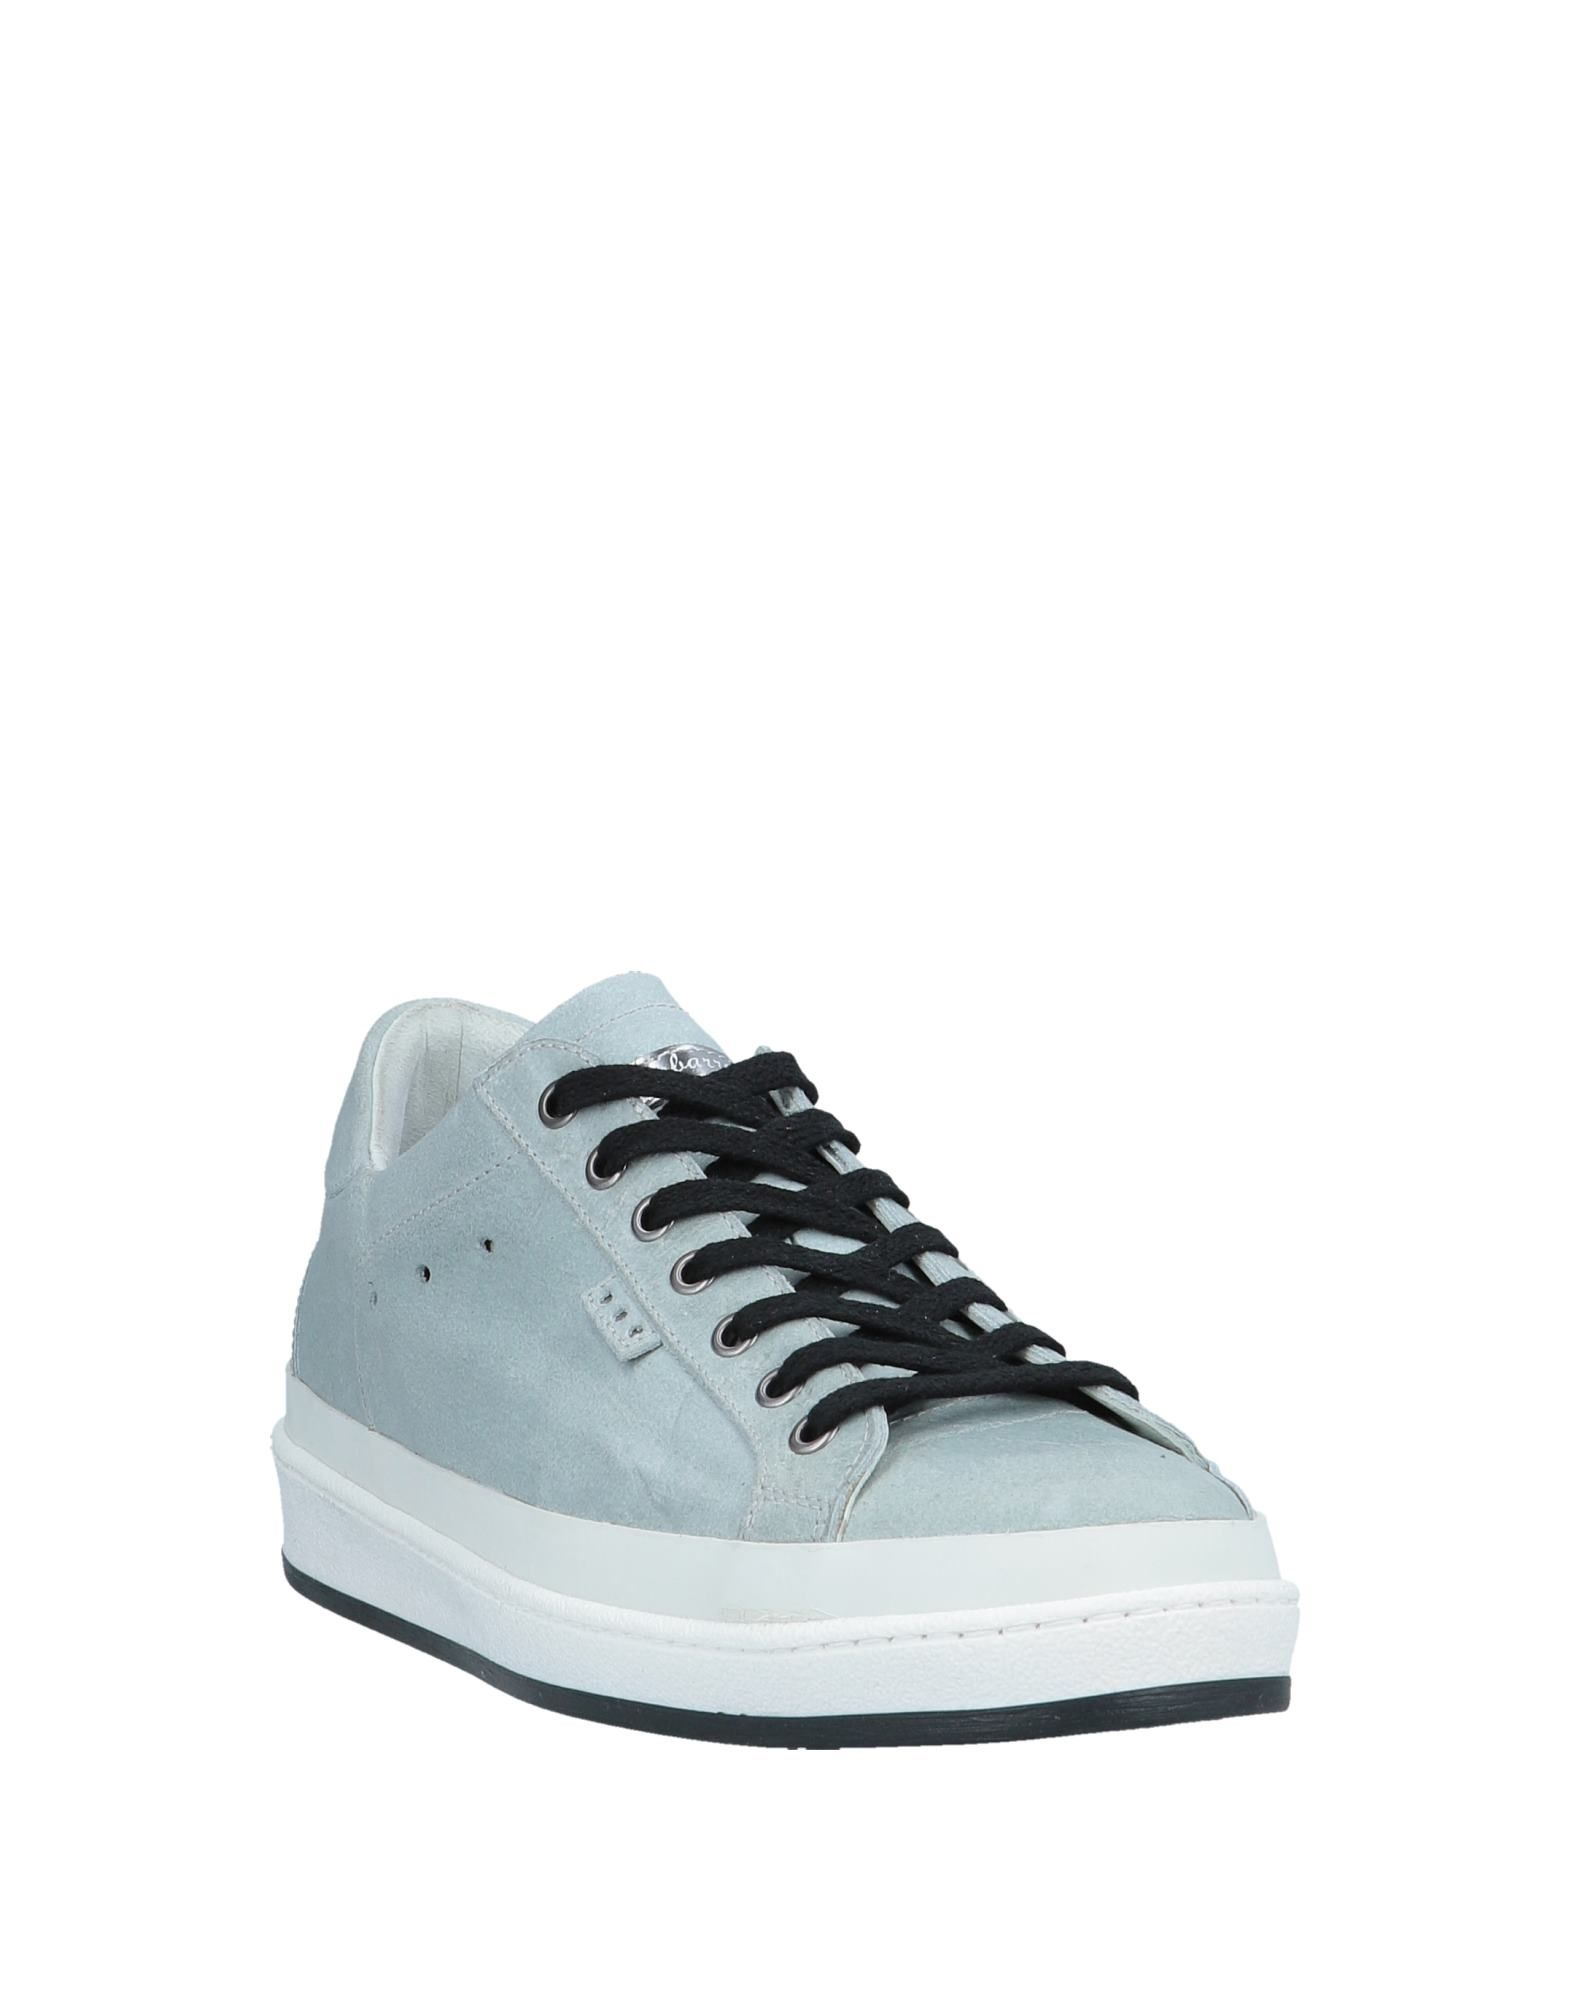 Quattrobarradodici sich Sneakers Herren Gutes Preis-Leistungs-Verhältnis, es lohnt sich Quattrobarradodici b4df79